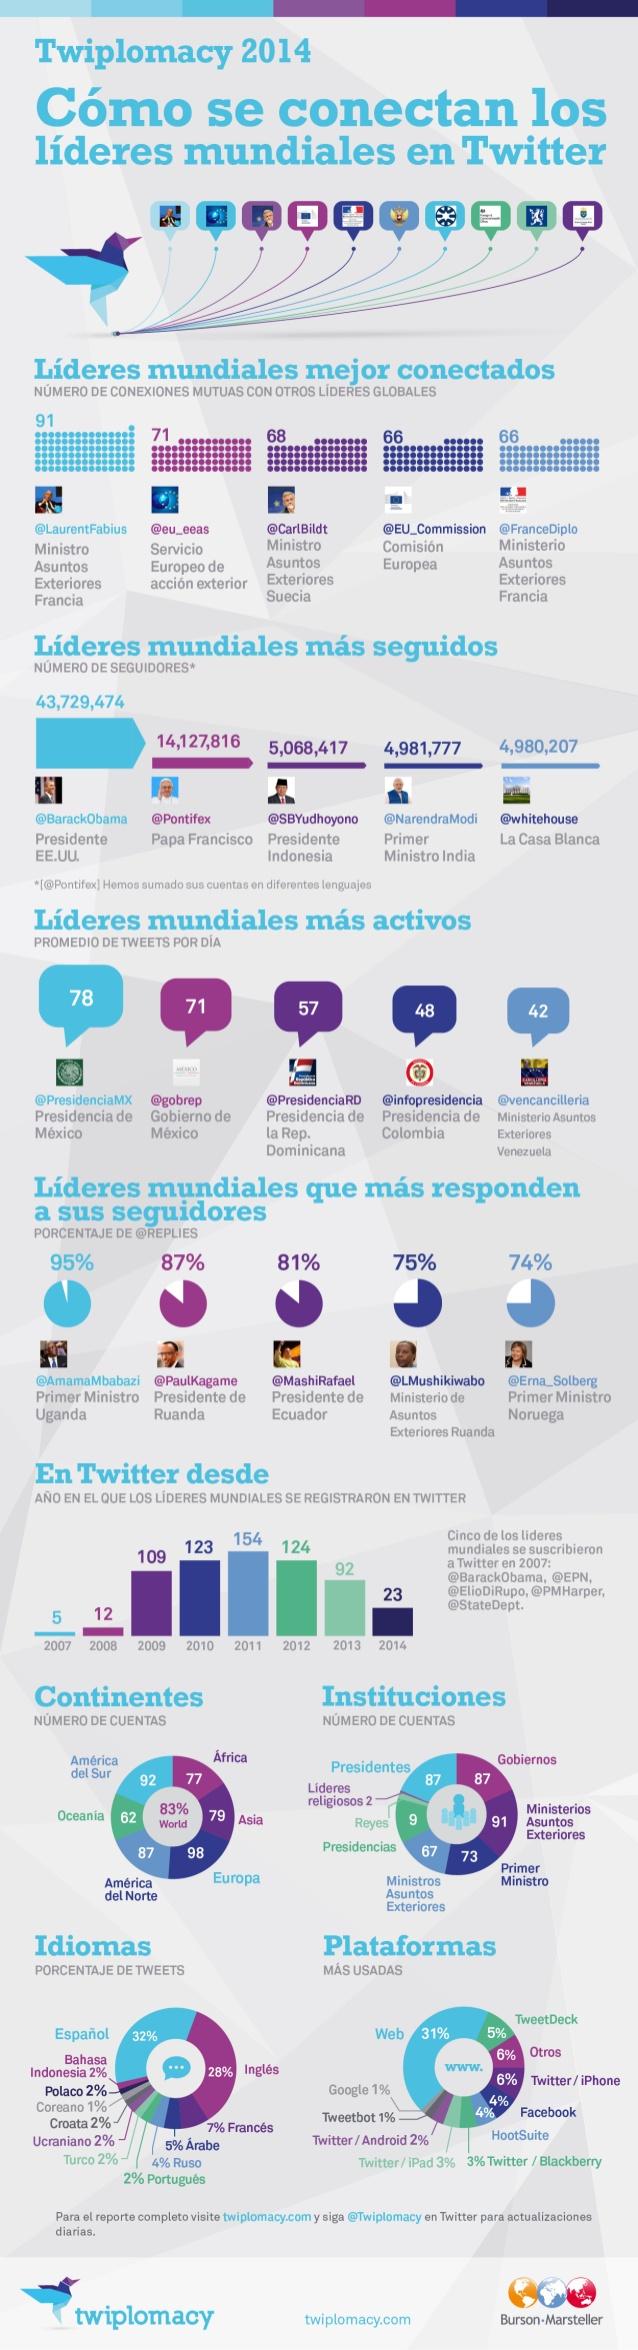 Cómo conectan los líderes mundiales en Twitter